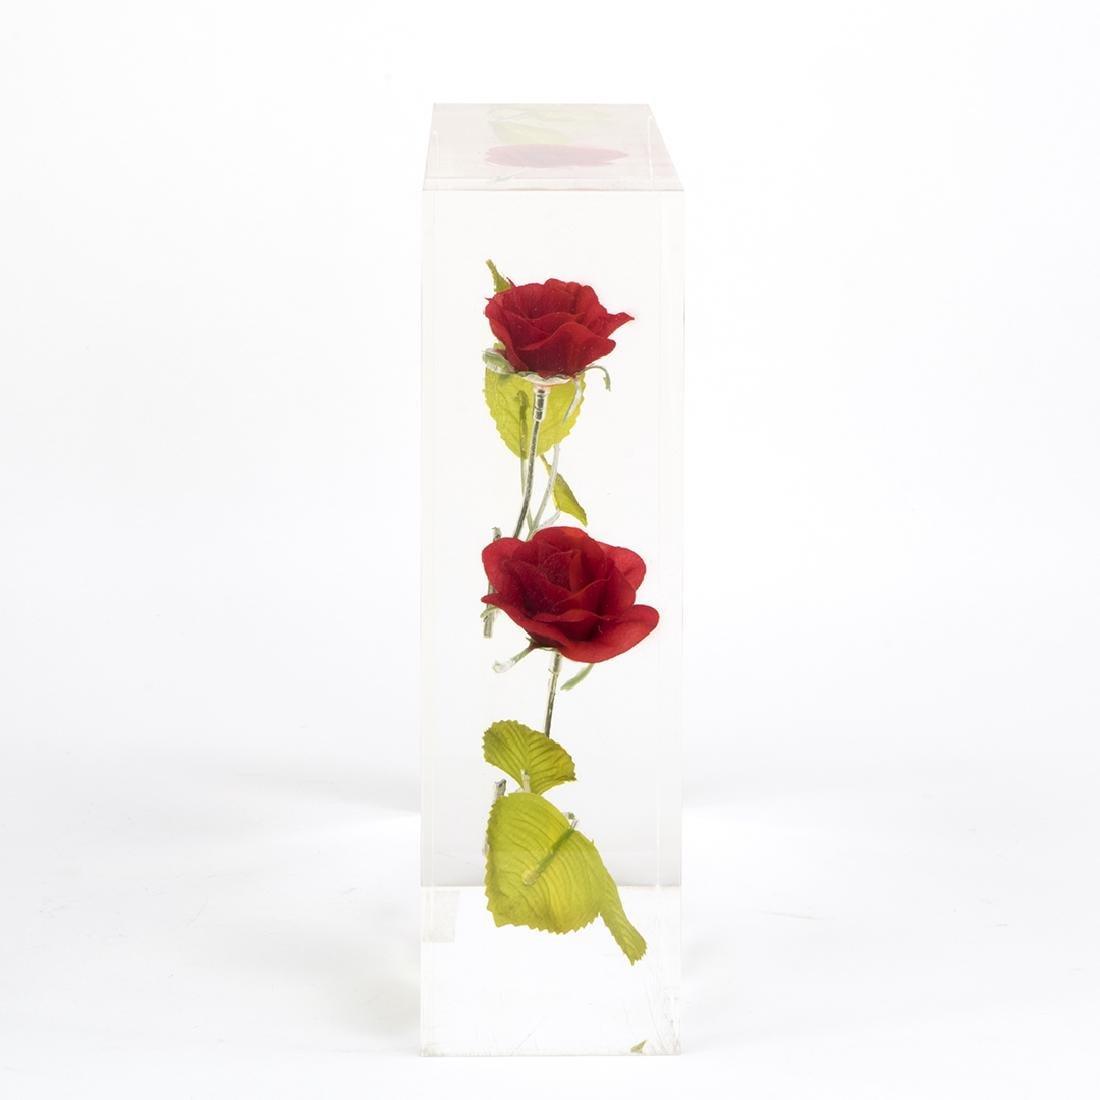 Shiro Kuramata Sealing of Roses - 3